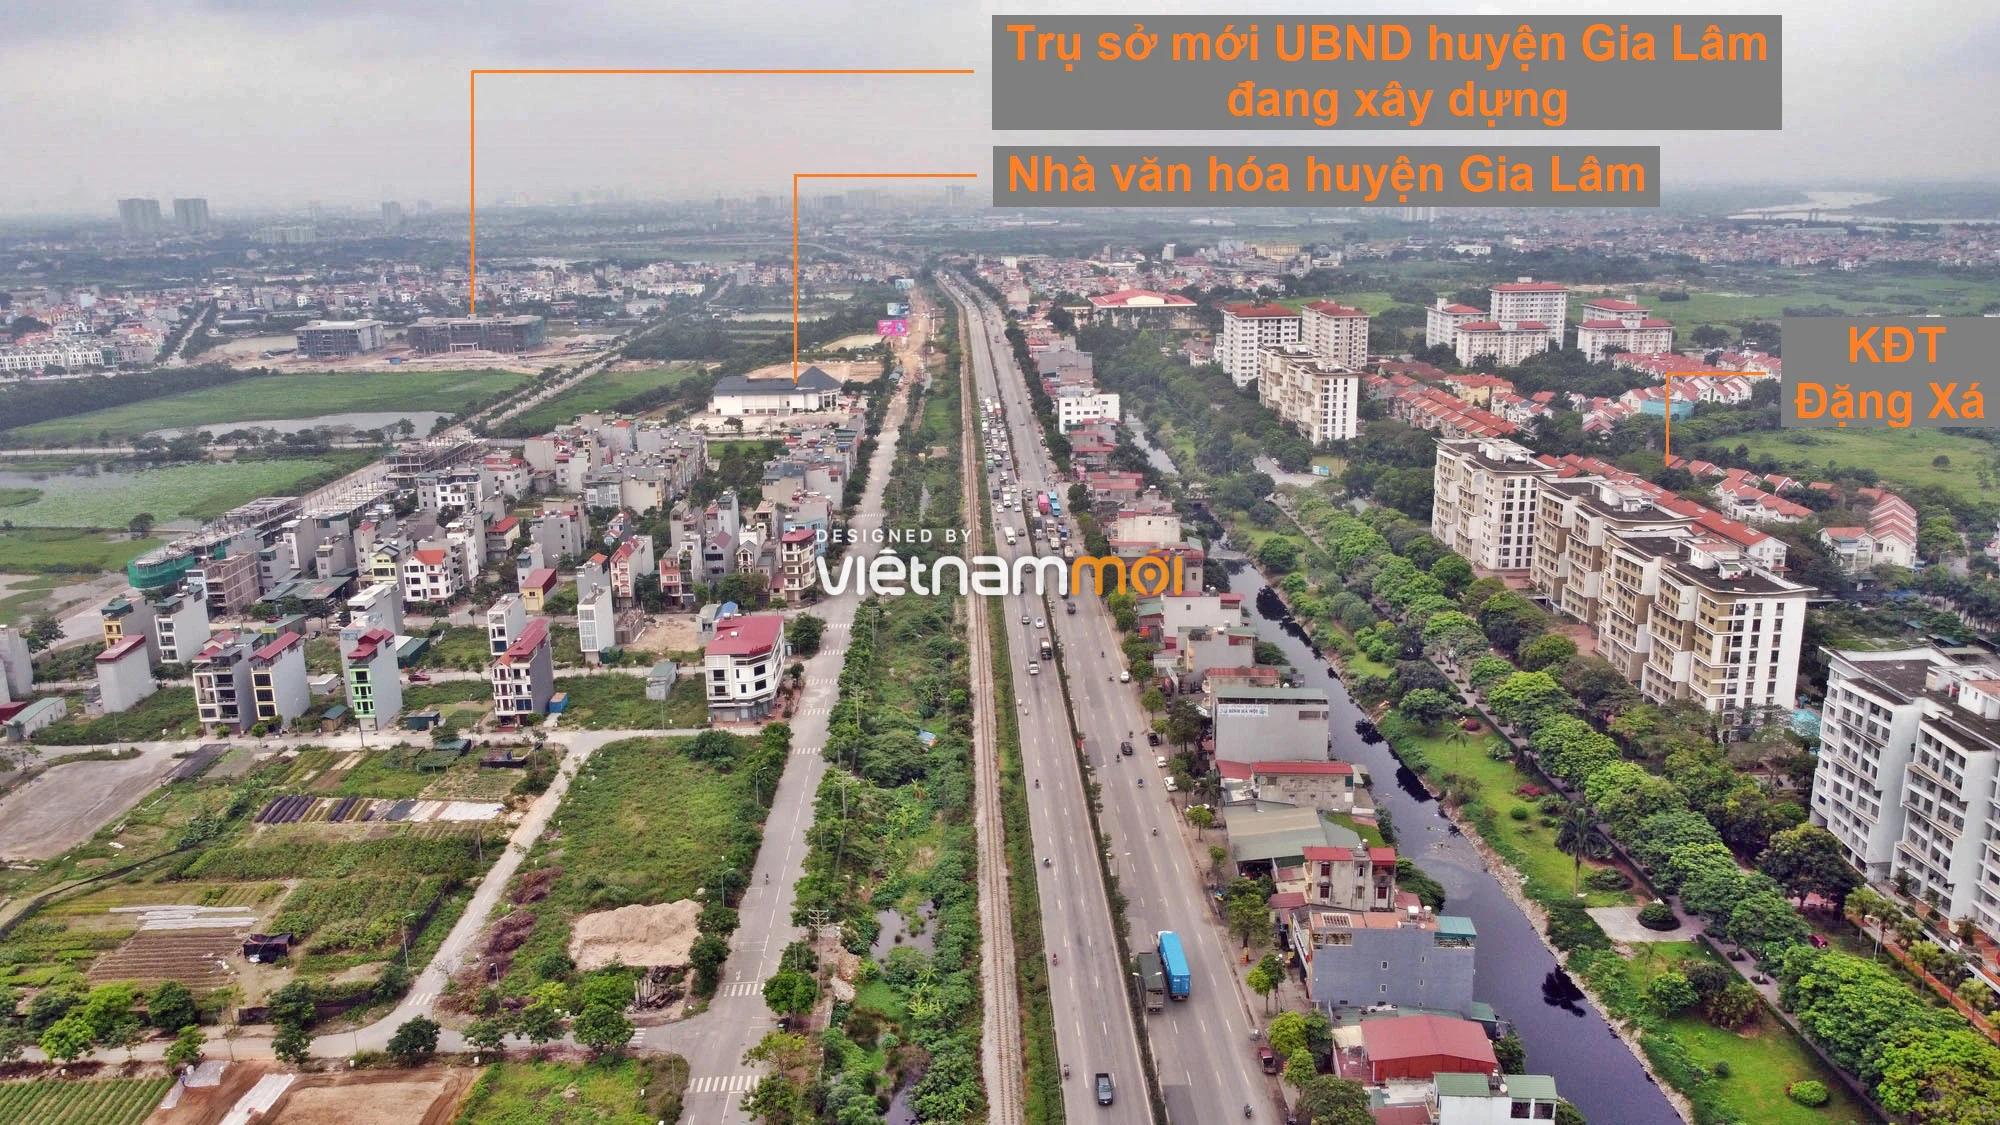 Toàn cảnh tuyến đường gom từ cầu Thanh Trì đến cầu vượt Phú Thị đang mở theo quy hoạch ở Hà Nội - Ảnh 10.